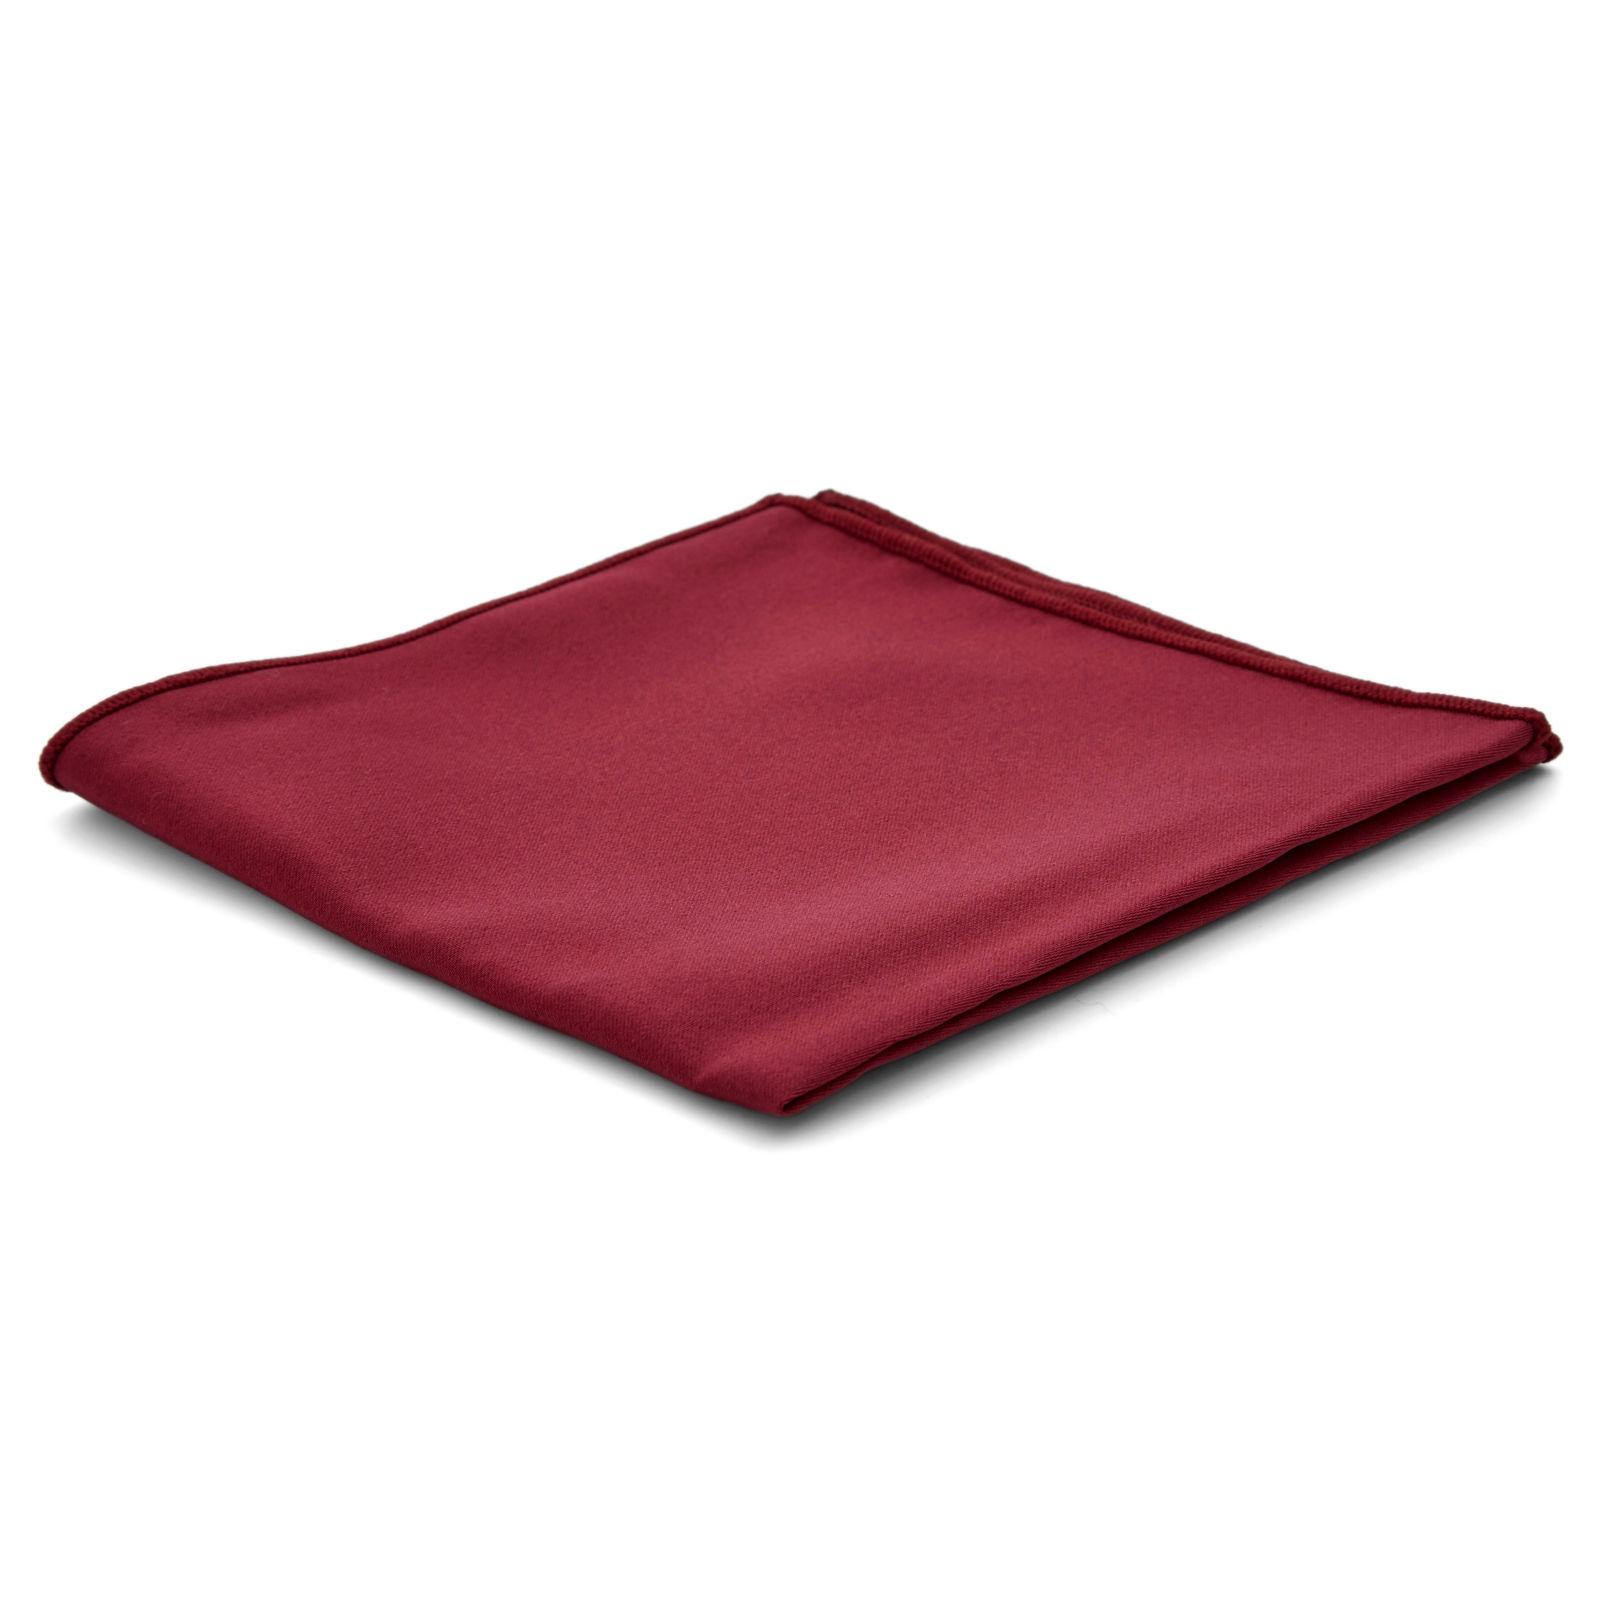 Red Framed Floral Pocket Square Trendhim pqT4nTOl